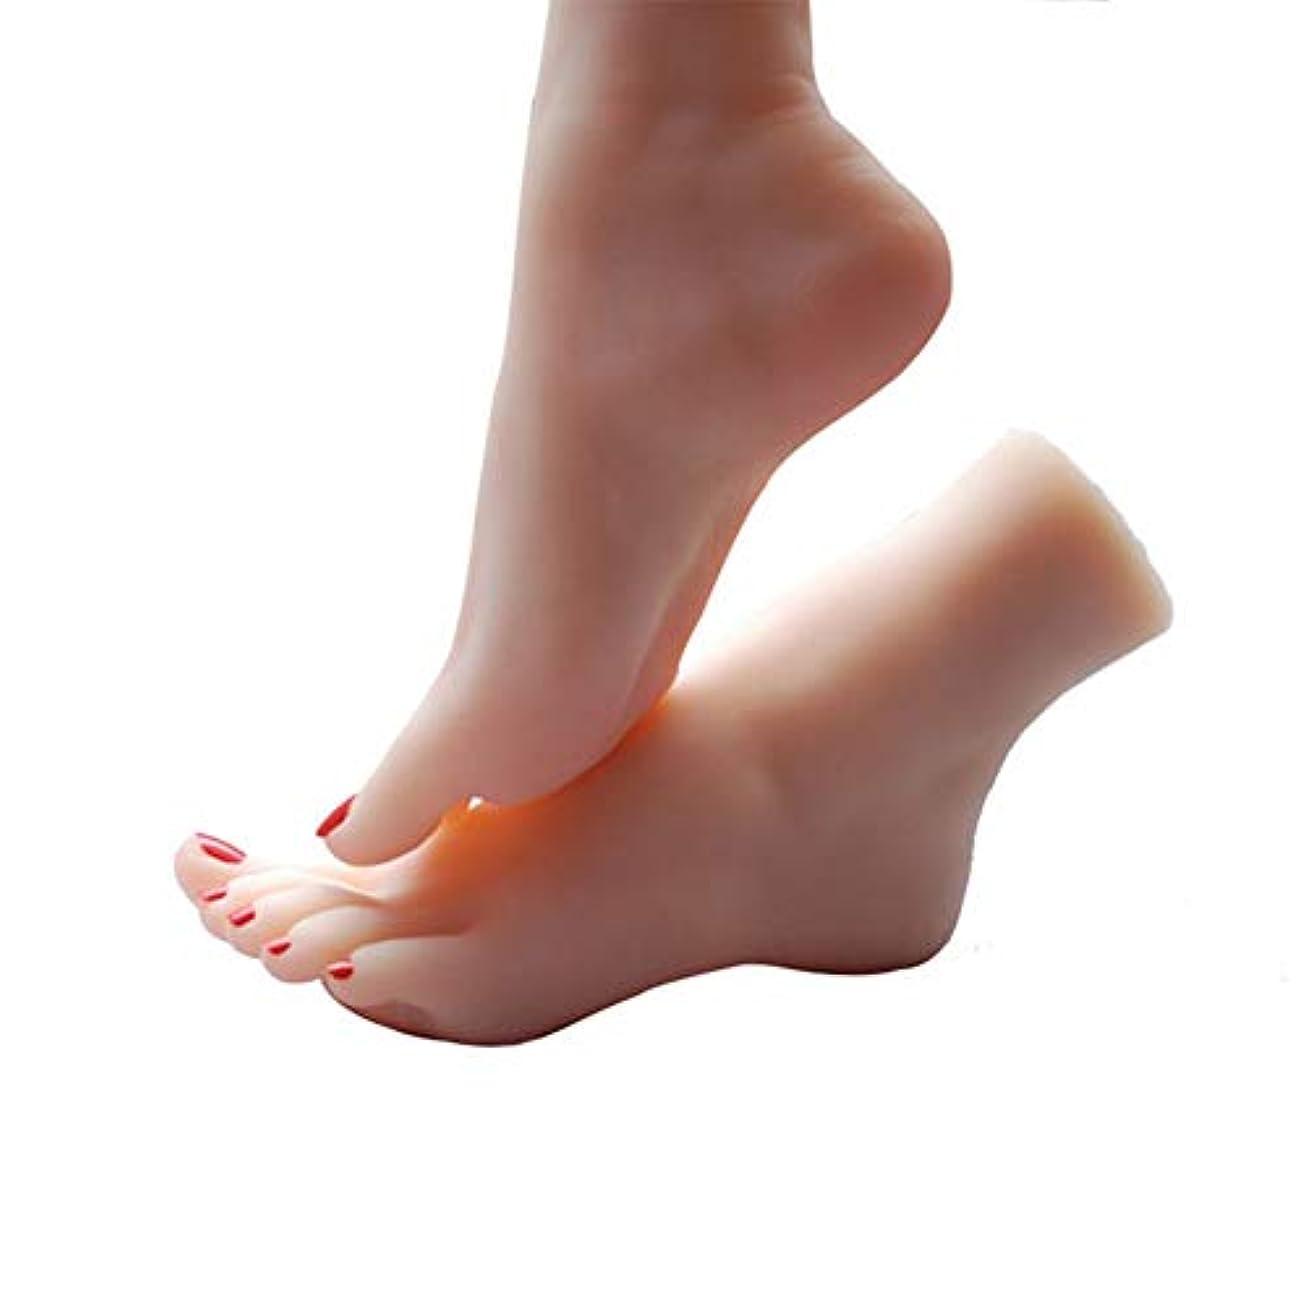 それ堂々たる成功した1ペアシリコーンのLifeSizeガールマネキンフットディスプレイJewerlyサンダル靴ソックスは、ネイルアートでスケッチを表示します